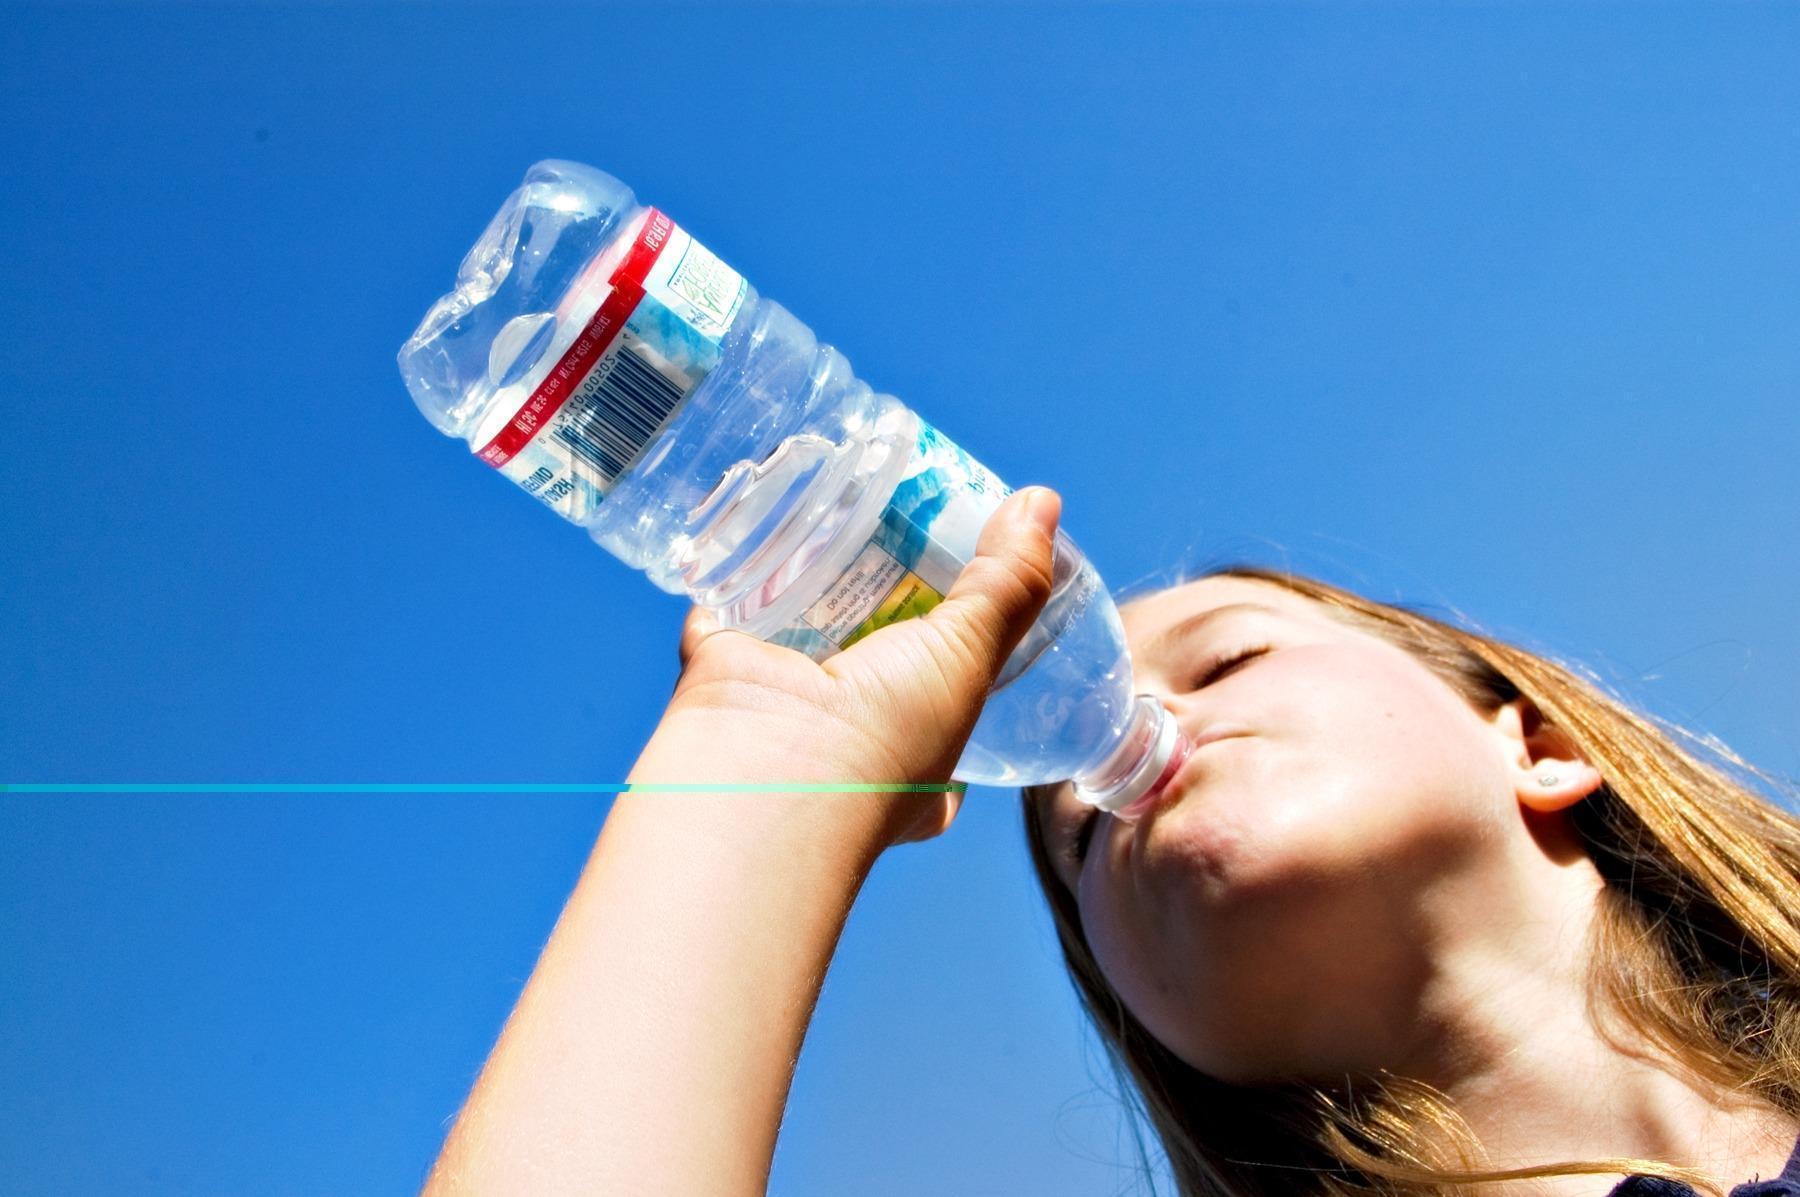 Emagrecer ou Engordar Bebendo Água? Verdades e Mentiras Sobre a Água